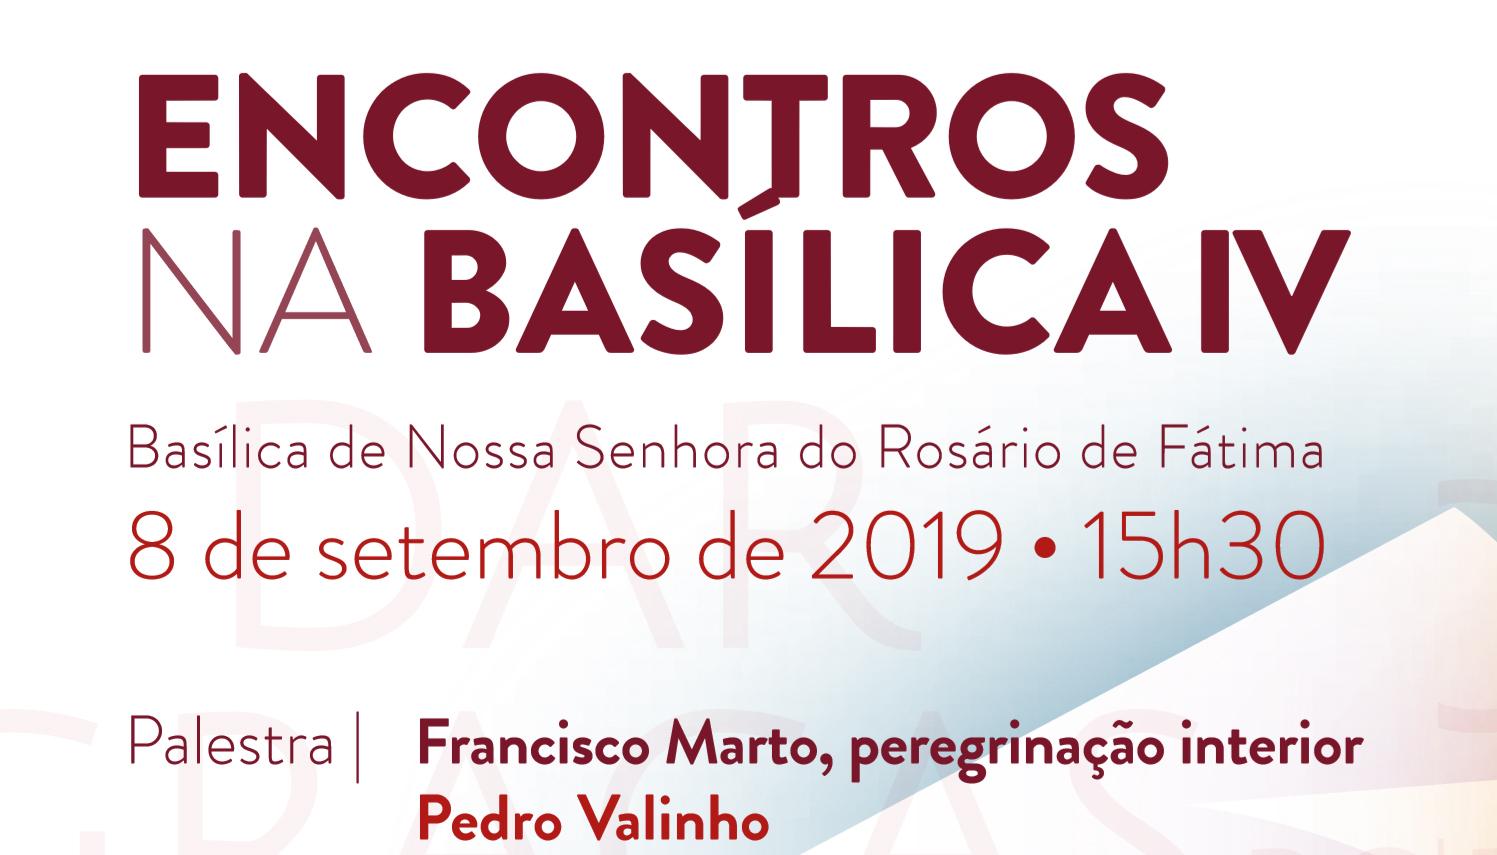 2019-08-14_Encontros_Basilica_Pedro_Valinho_4.jpg